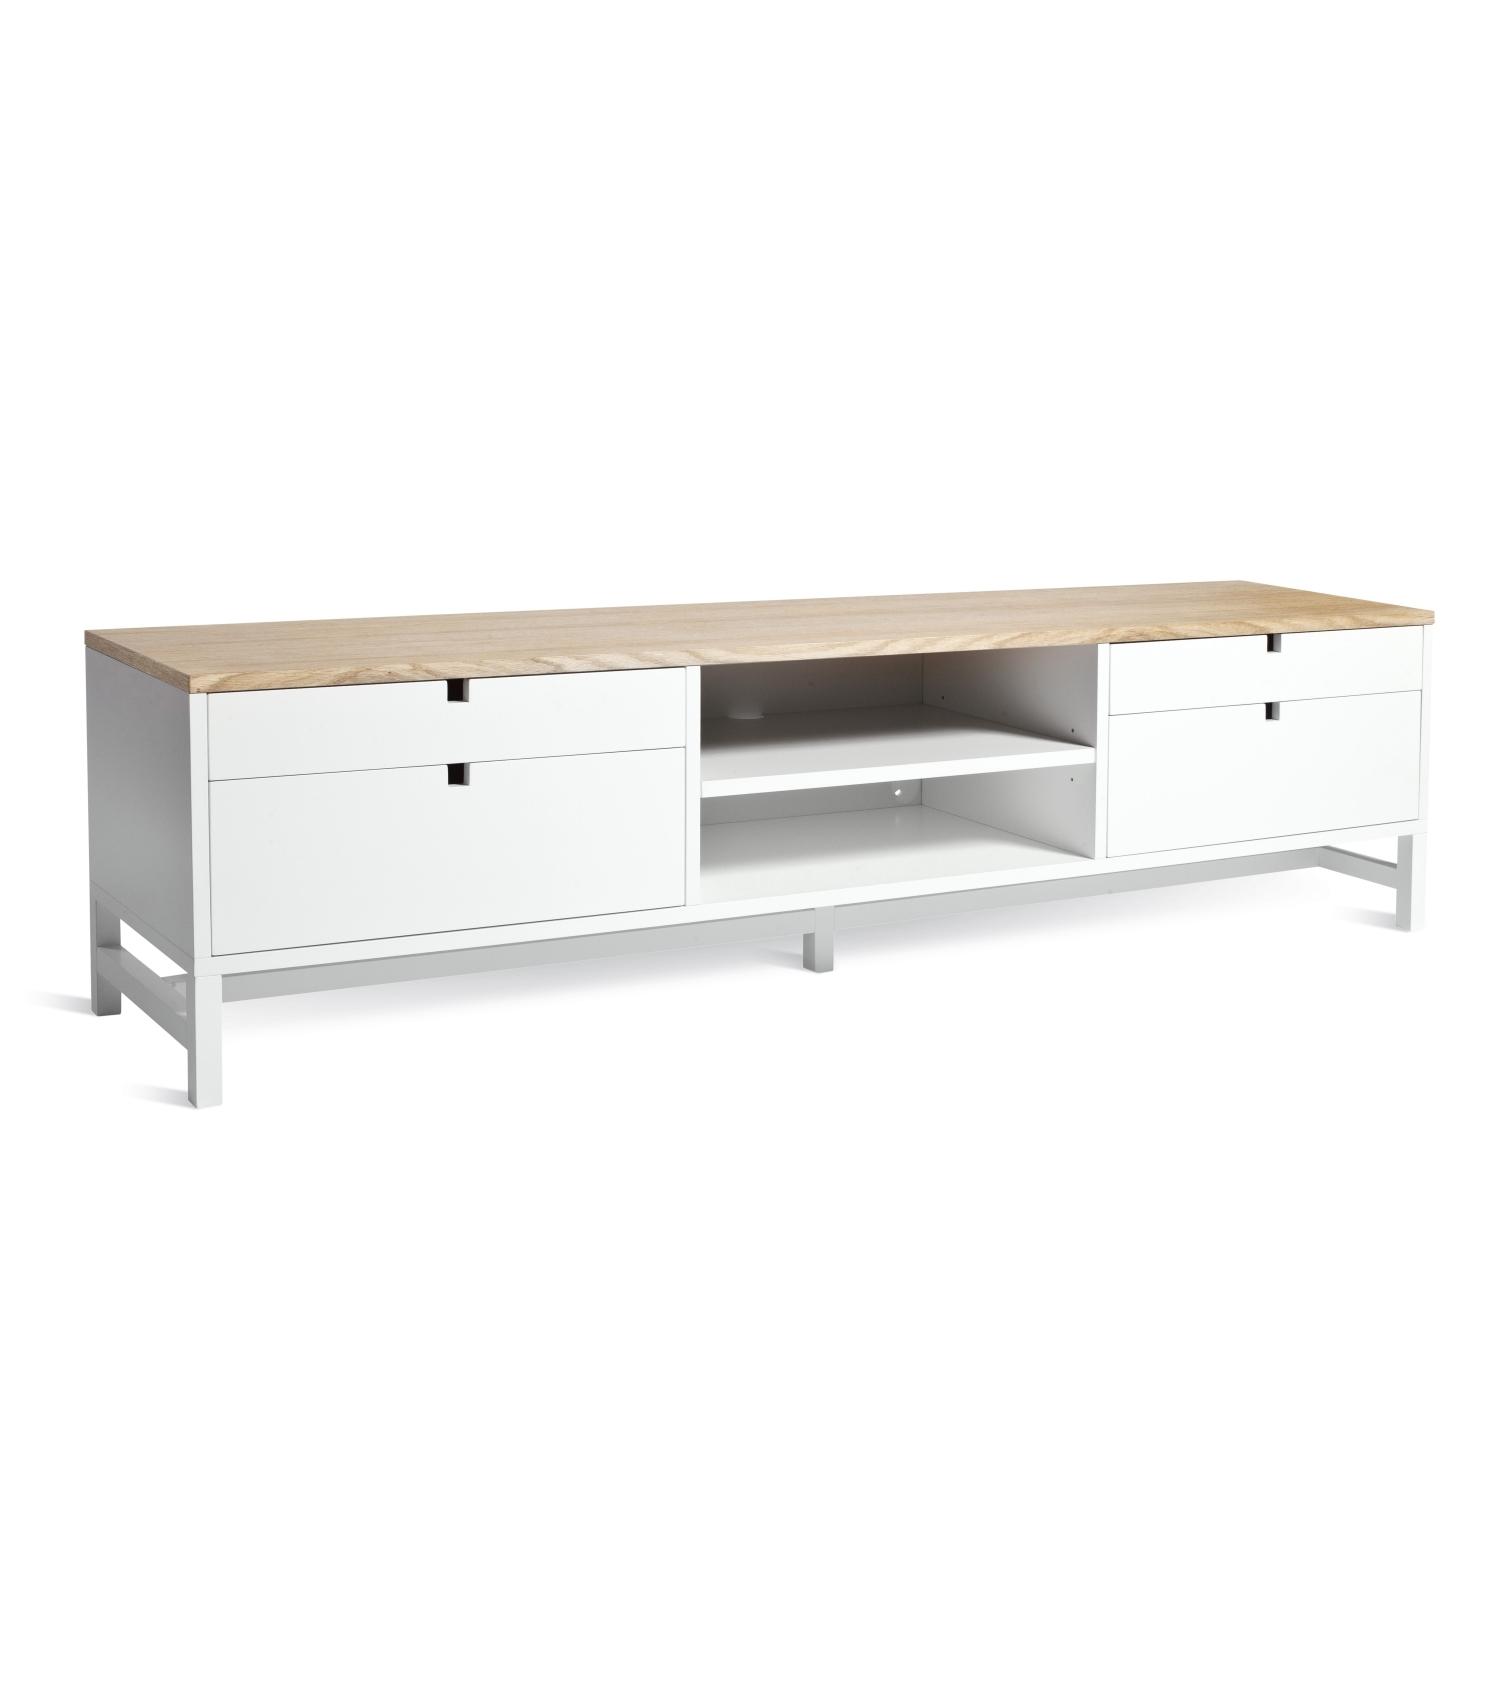 Falsterbo TV-bänk 180 cm lådor ek, Mavis